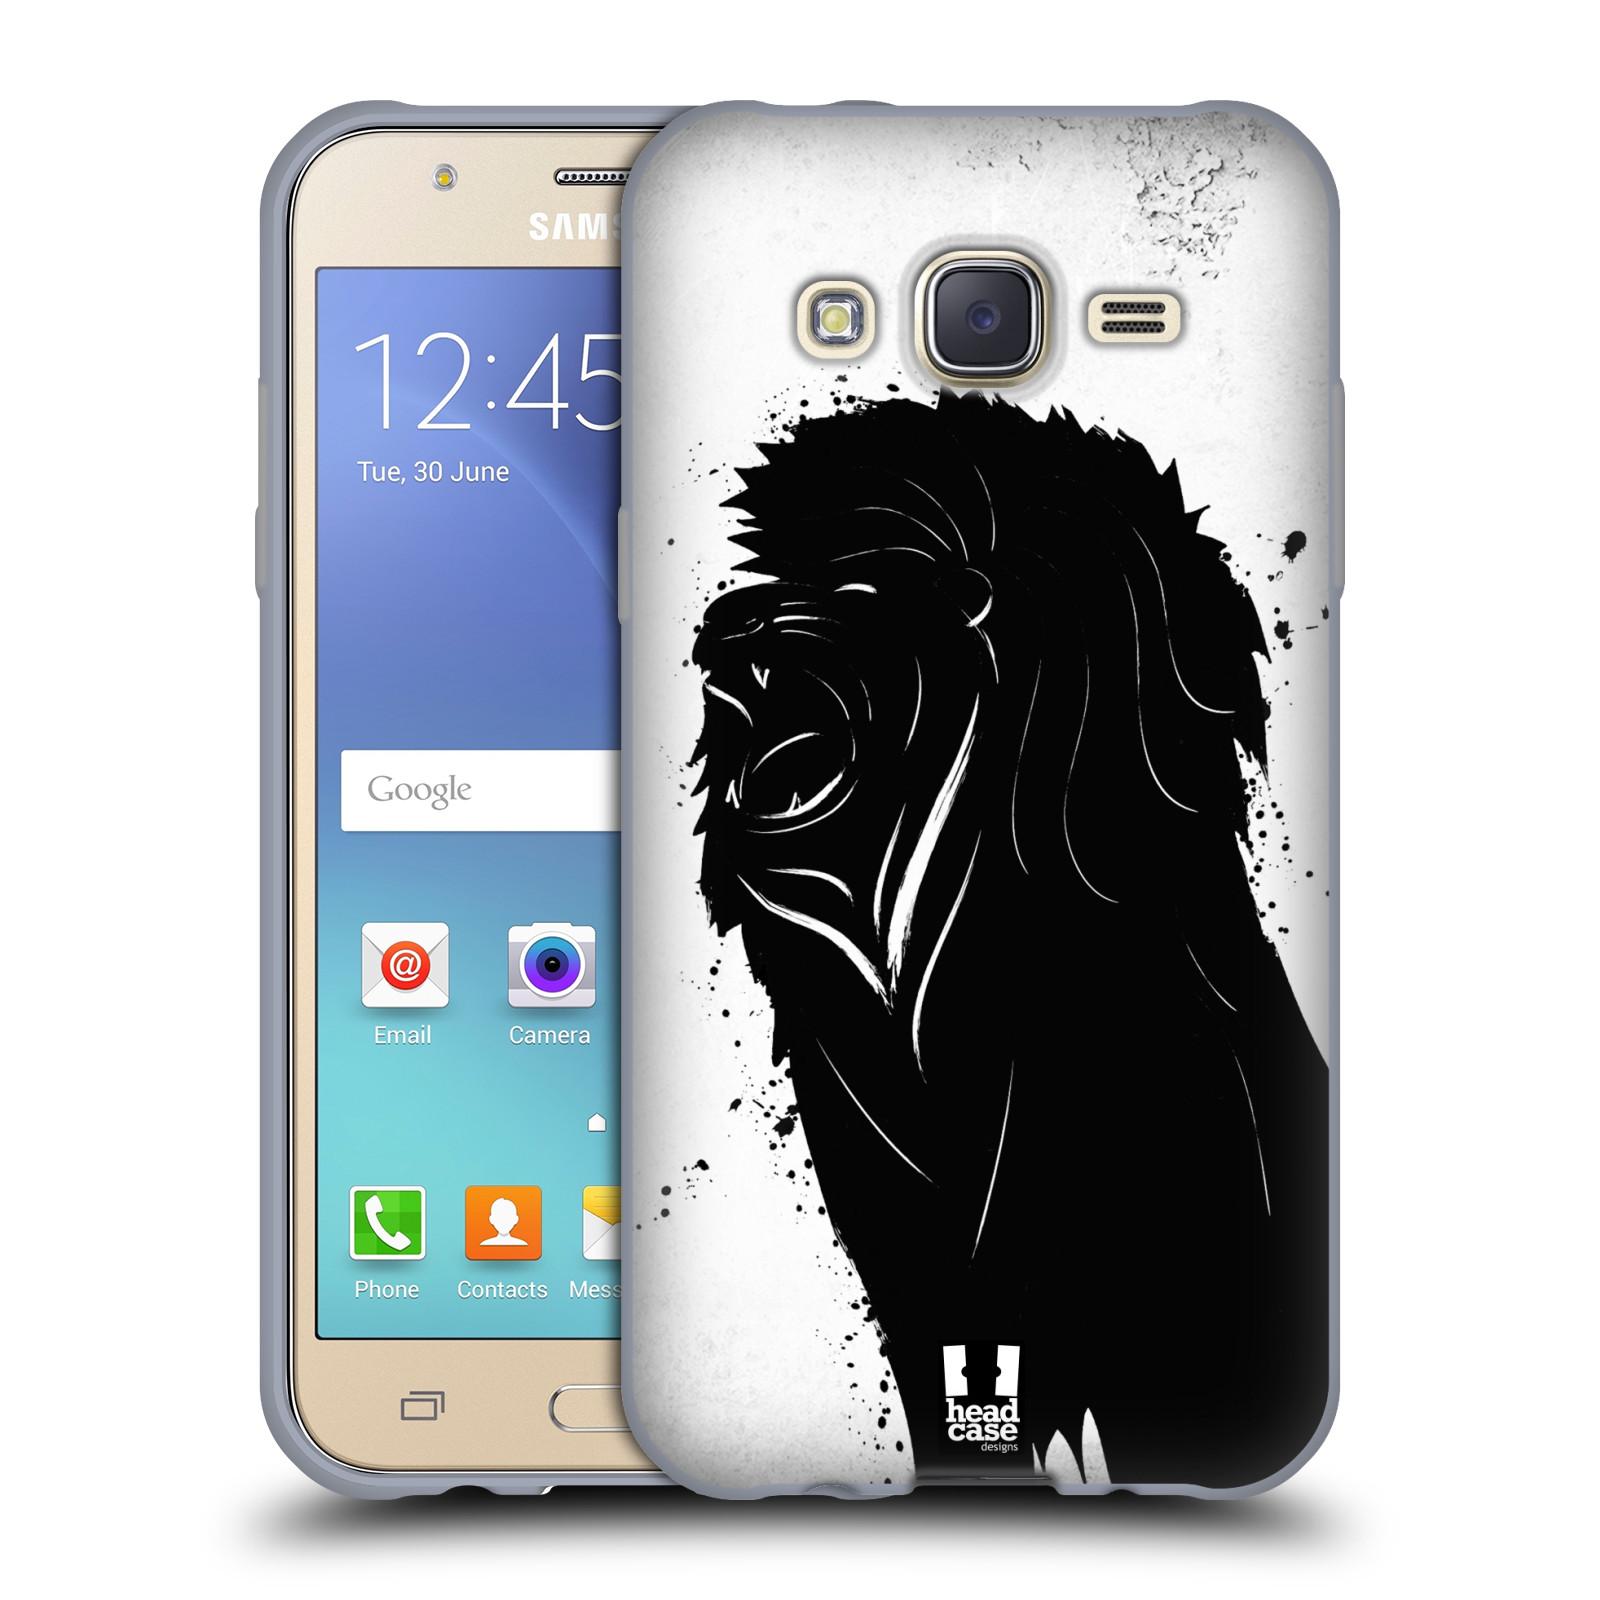 HEAD CASE silikonový obal na mobil Samsung Galaxy J5, J500, (J5 DUOS) vzor Kresba tuš zvíře lev